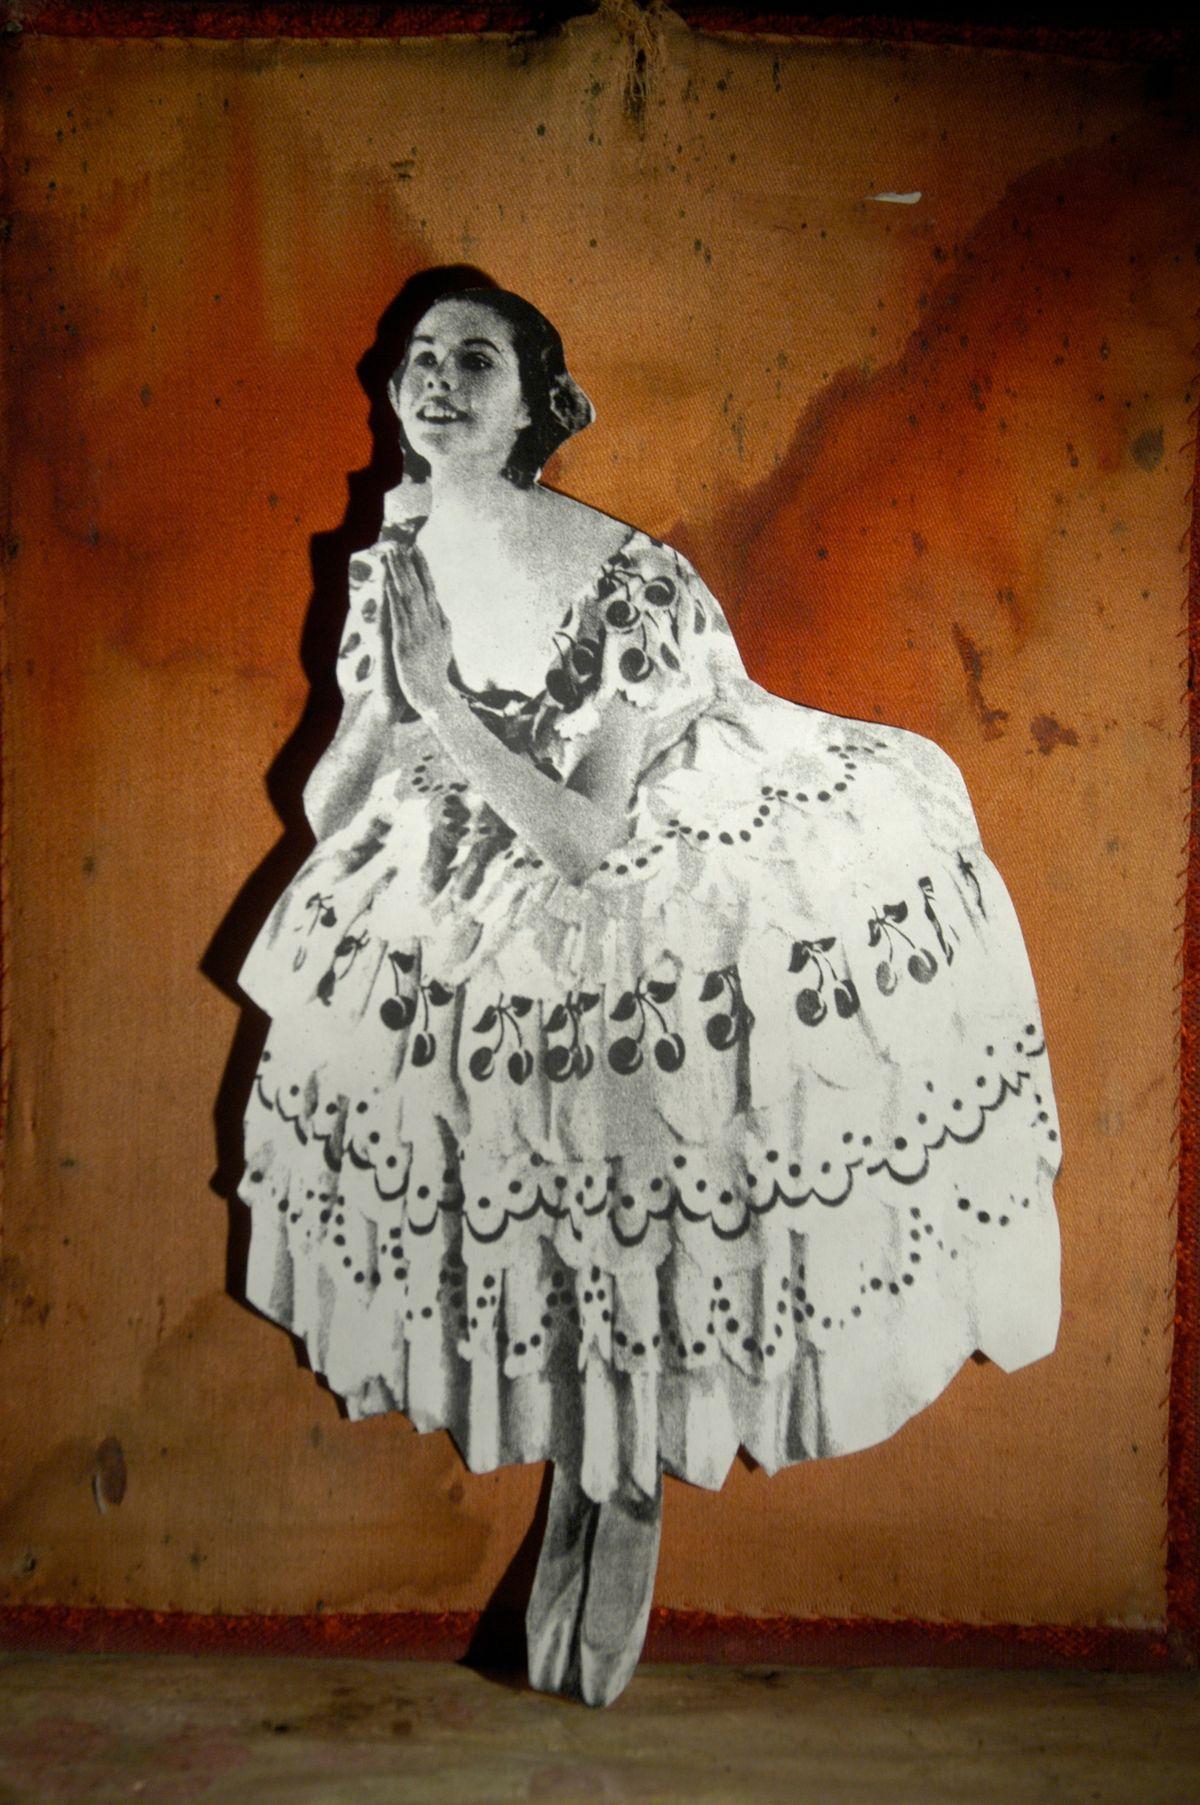 Corps de Ballet, 2004, Abstract Photography, Shirine Gill